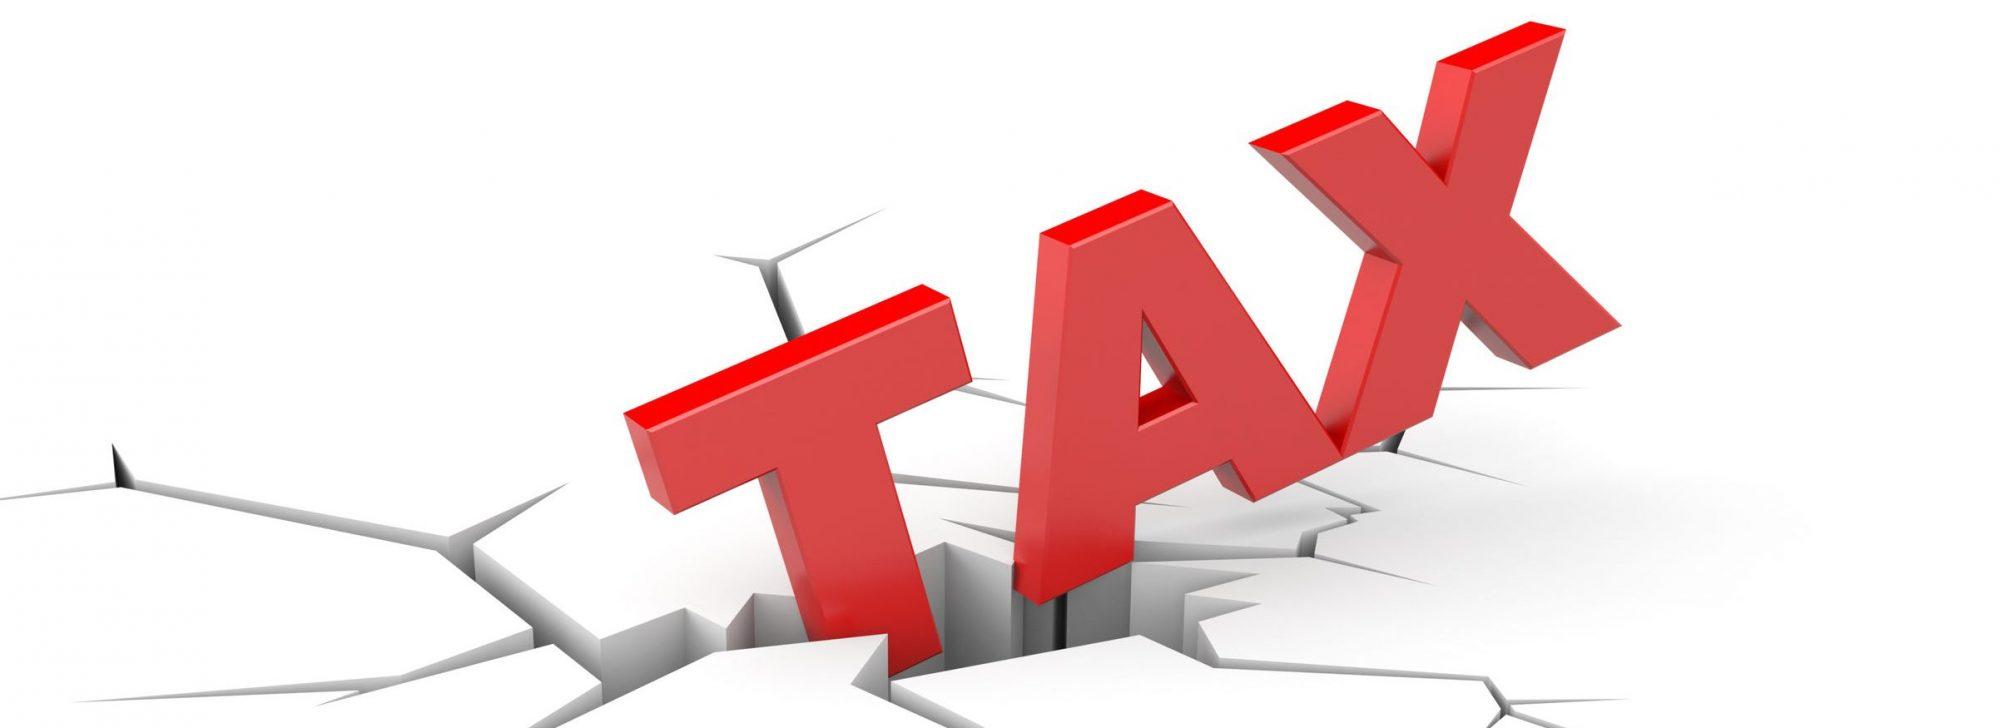 Tax Policy Advice